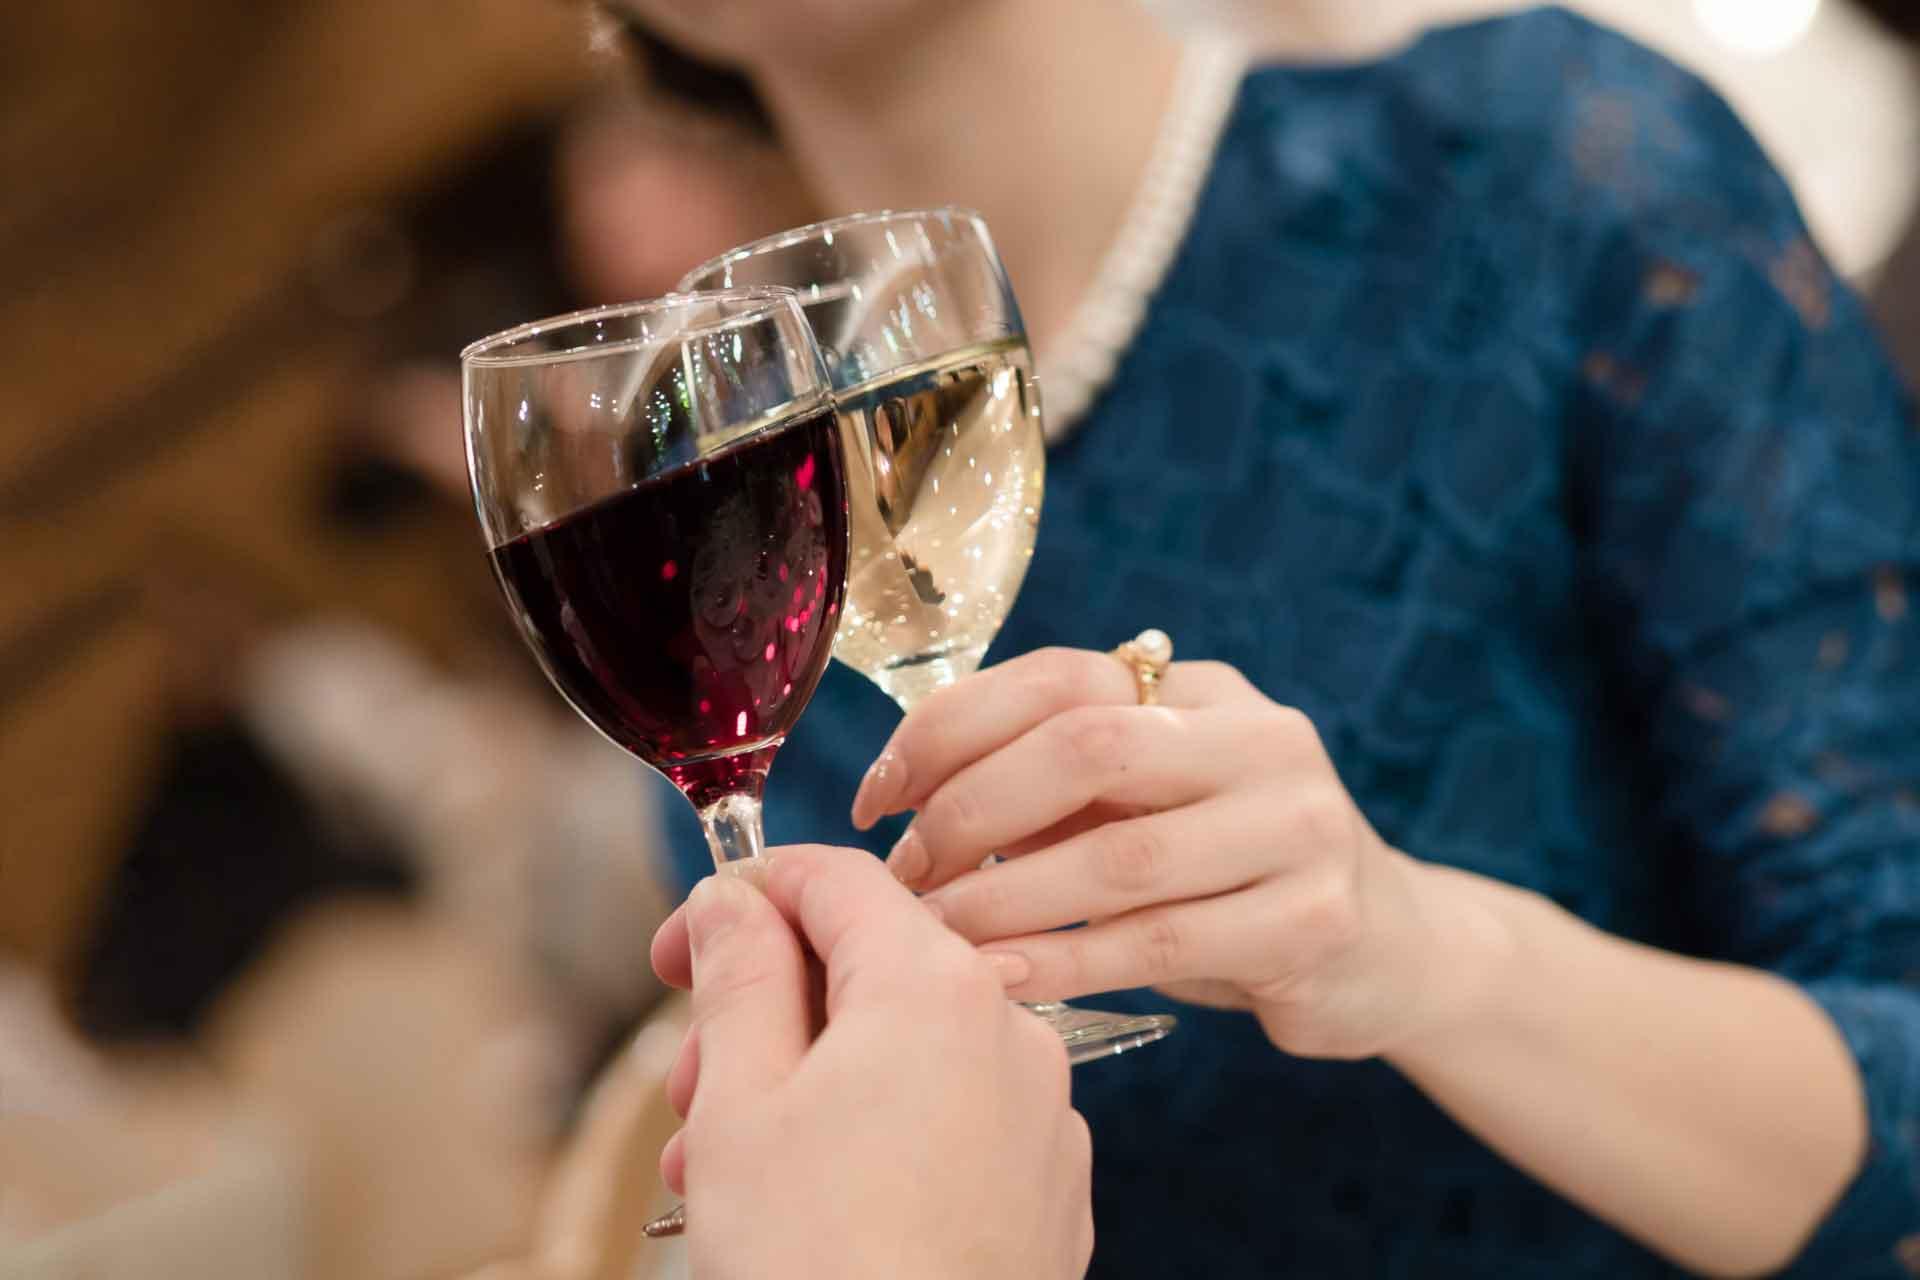 ワイングラスで乾杯する、ドレすあっぷした女性の胸元